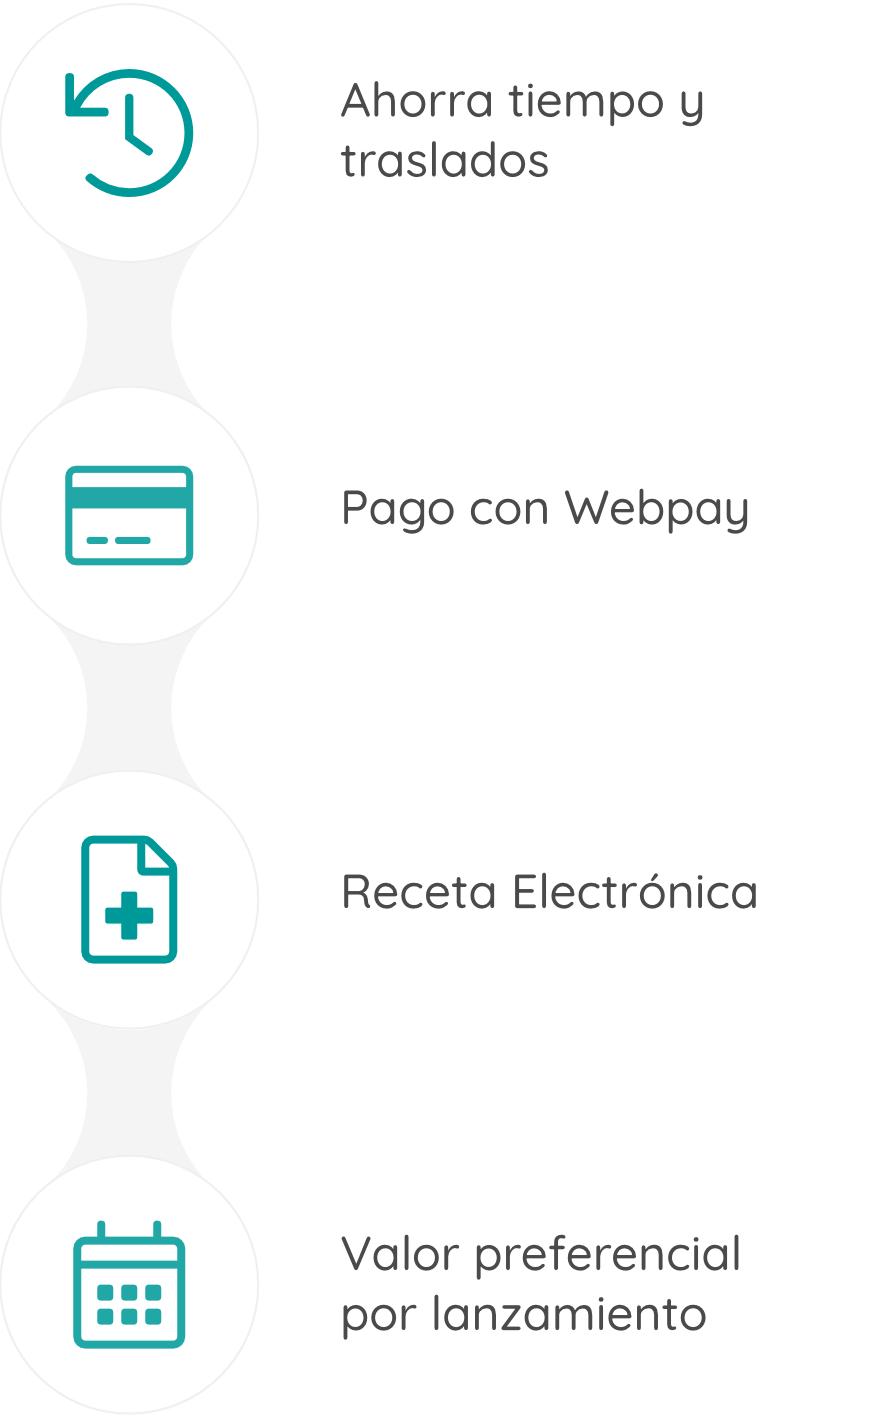 Ahorra tiempo y traslados, Pago con Webpay, Receta Electrónica, Valor preferencial por lanzamiento